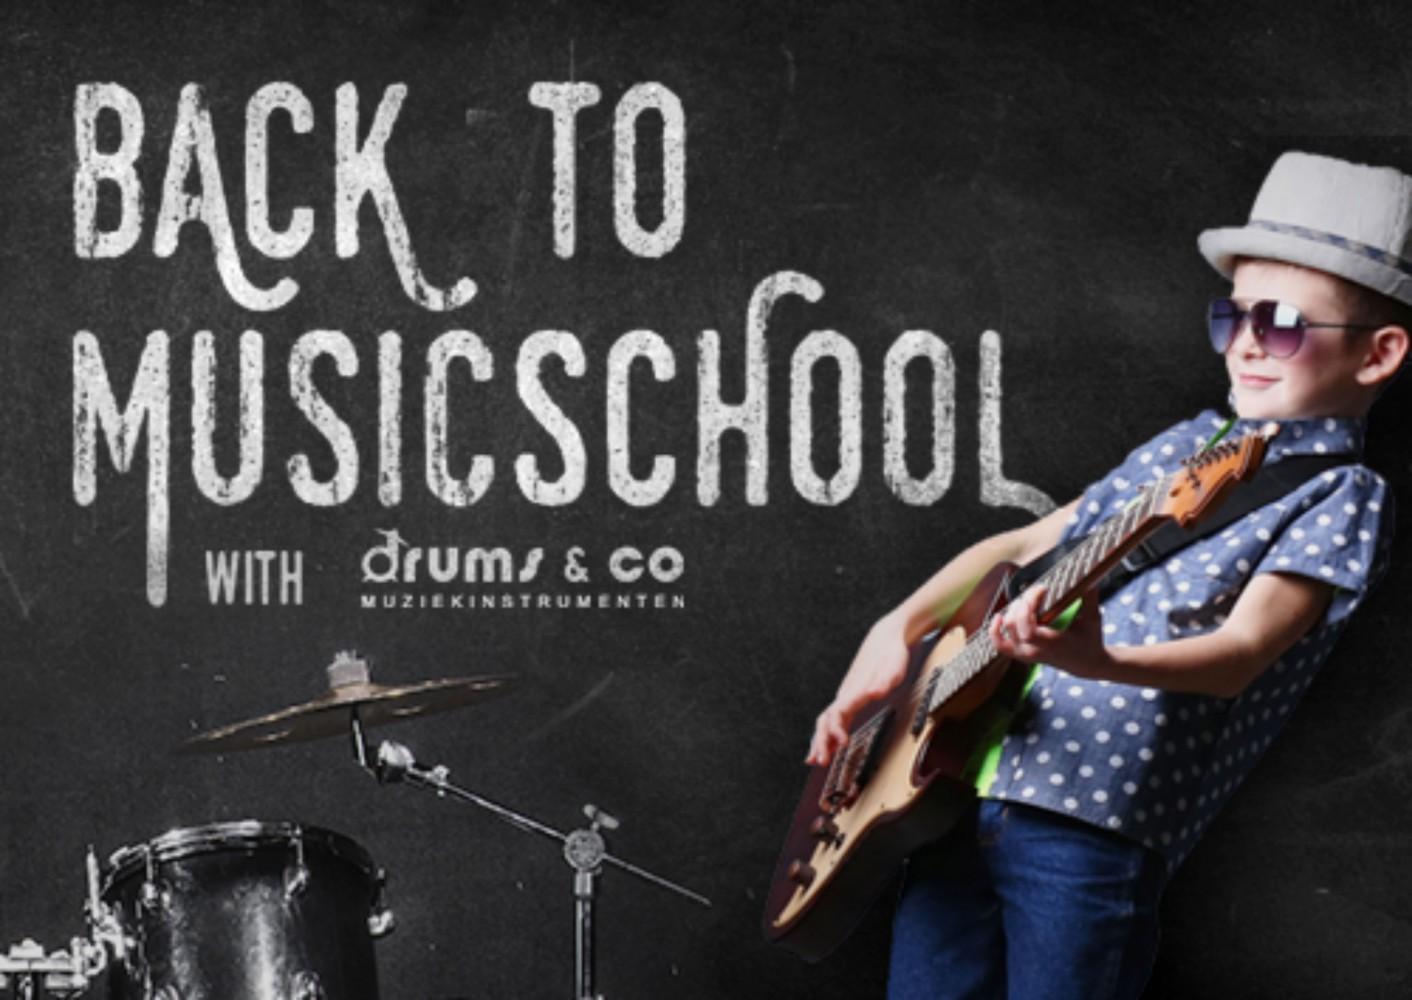 Back-to-school-nieuws-website.jpg